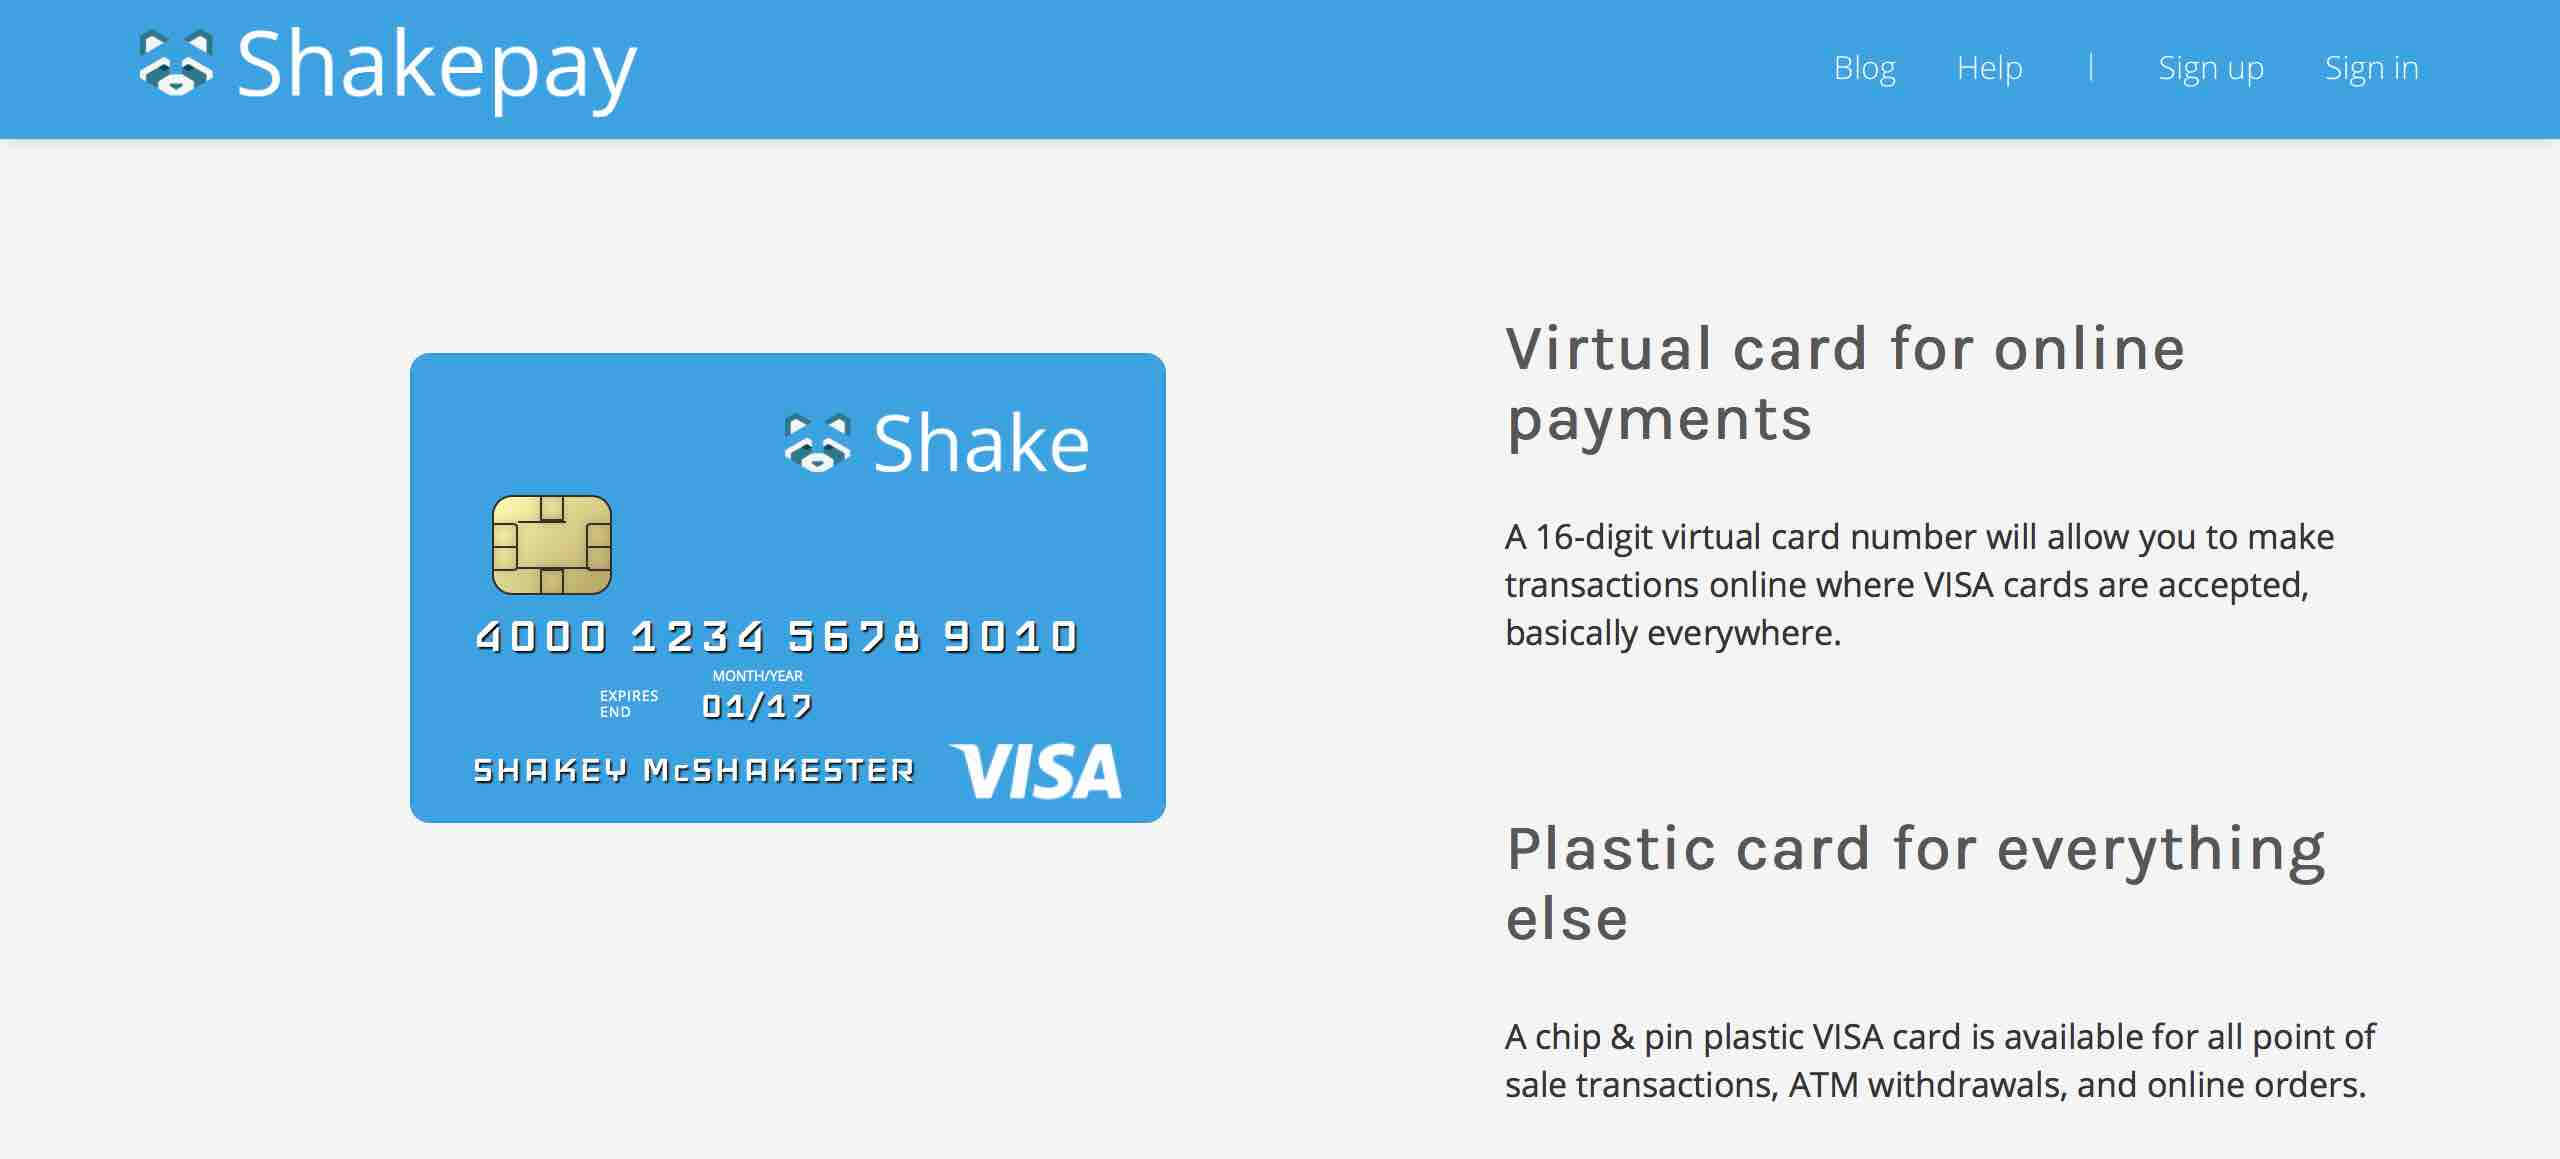 Vásárlás: Kártya - Árak összehasonlítása, Kártya boltok, olcsó ár, akciós Kártyák